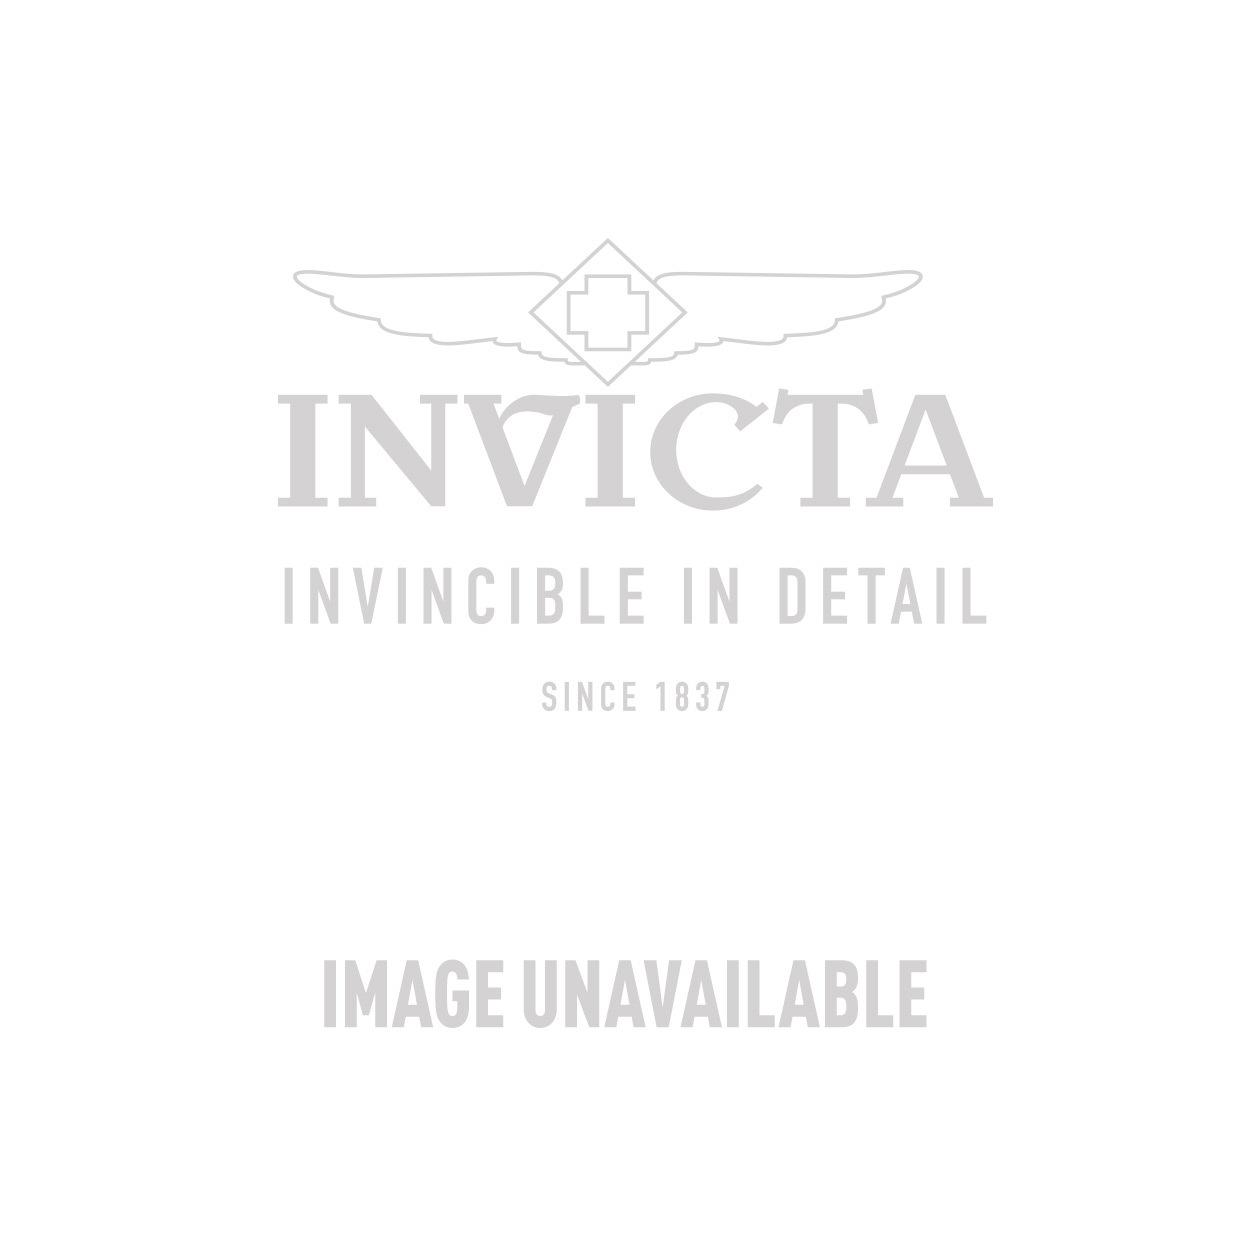 Invicta Model 28189